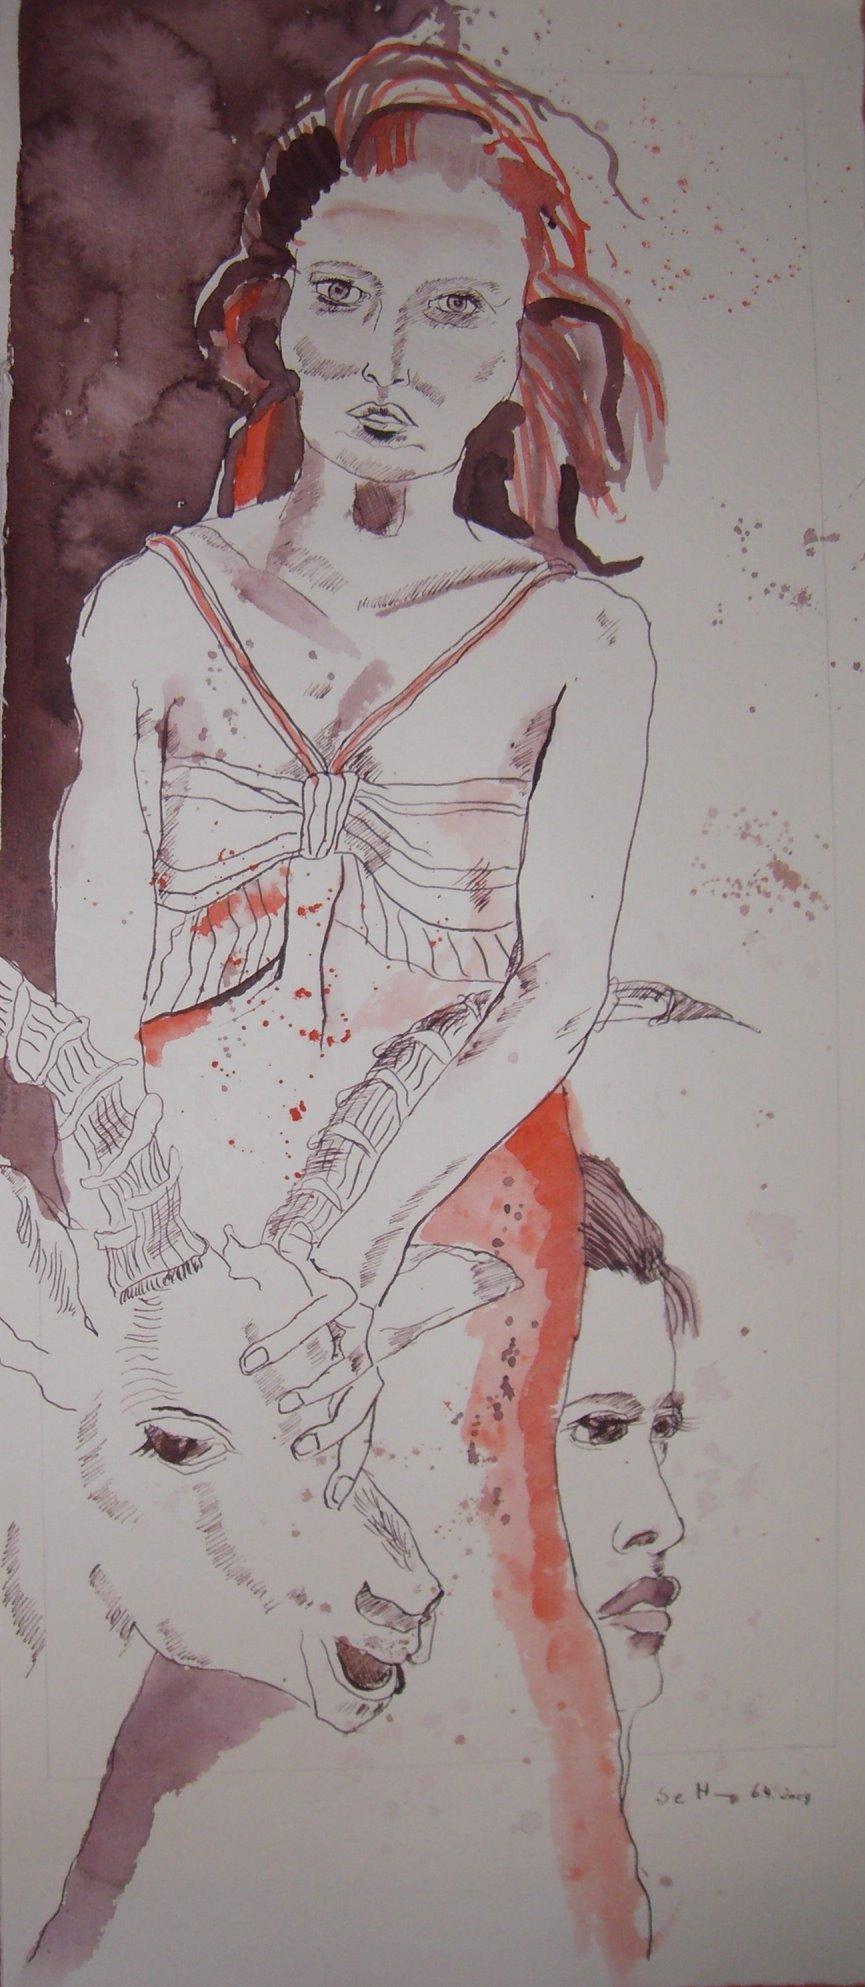 Tagebucheintragung 6.4.2009, Tusche und Aquarell auf Bütten, 56 x 25 cm